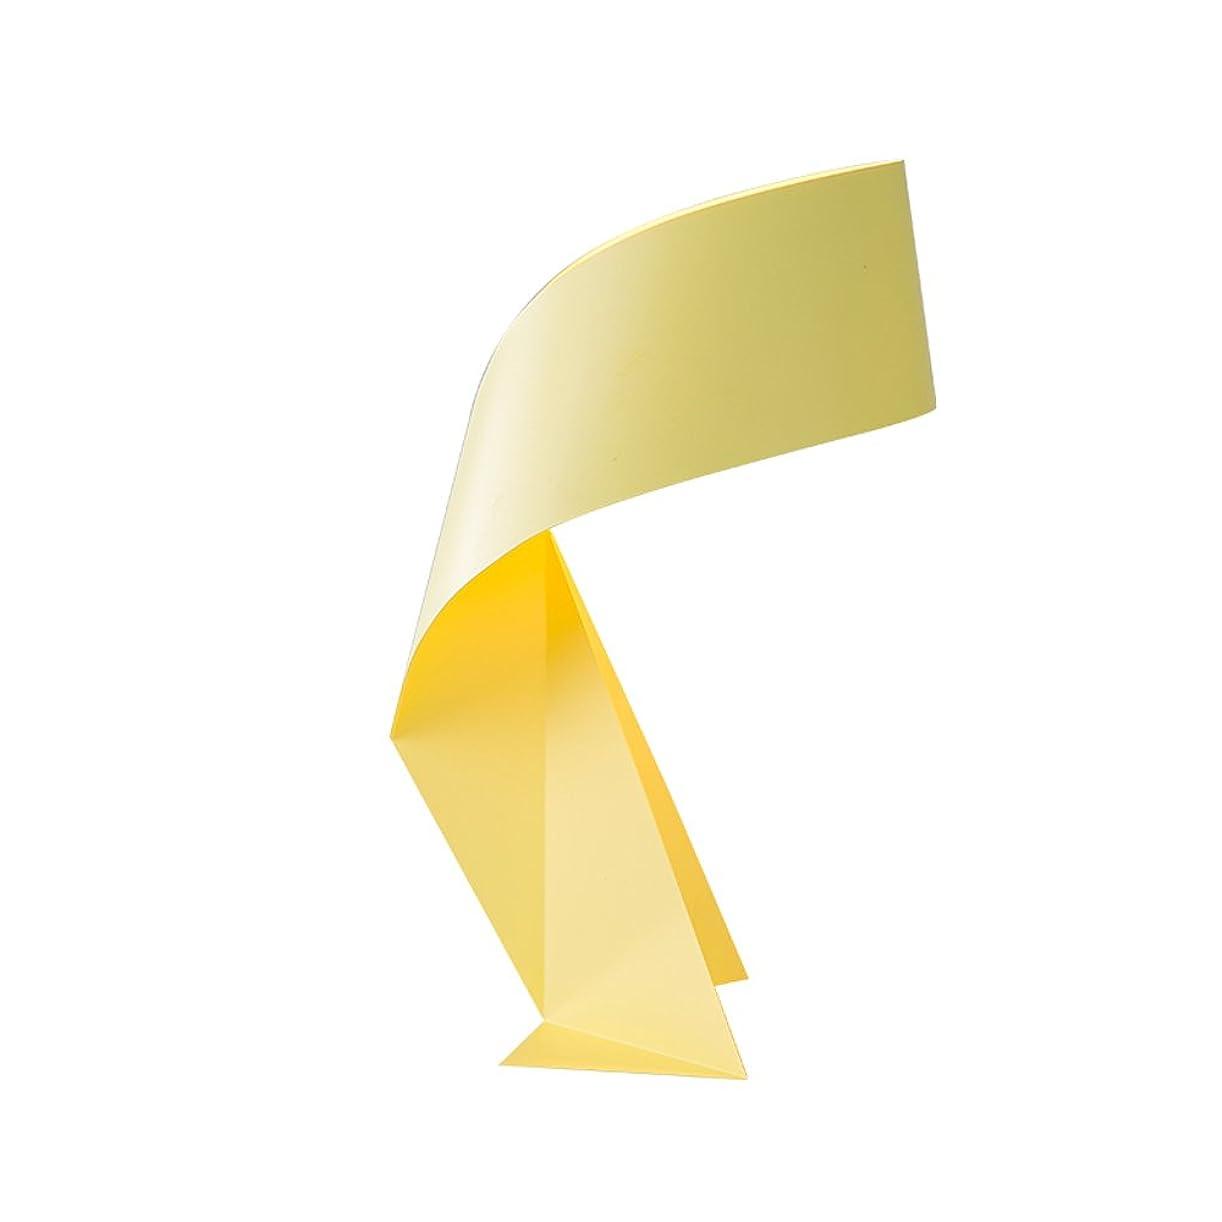 きちんとした対称シーフードLedクリエイティブテーブルランプ、北欧ポストモダン錬鉄照明装飾子供読書ランプヨーロッパのリビングルームのベッドルームベッドサイドスタディテーブルランプ (Color : Yellow, Edition : Ordinary switch)